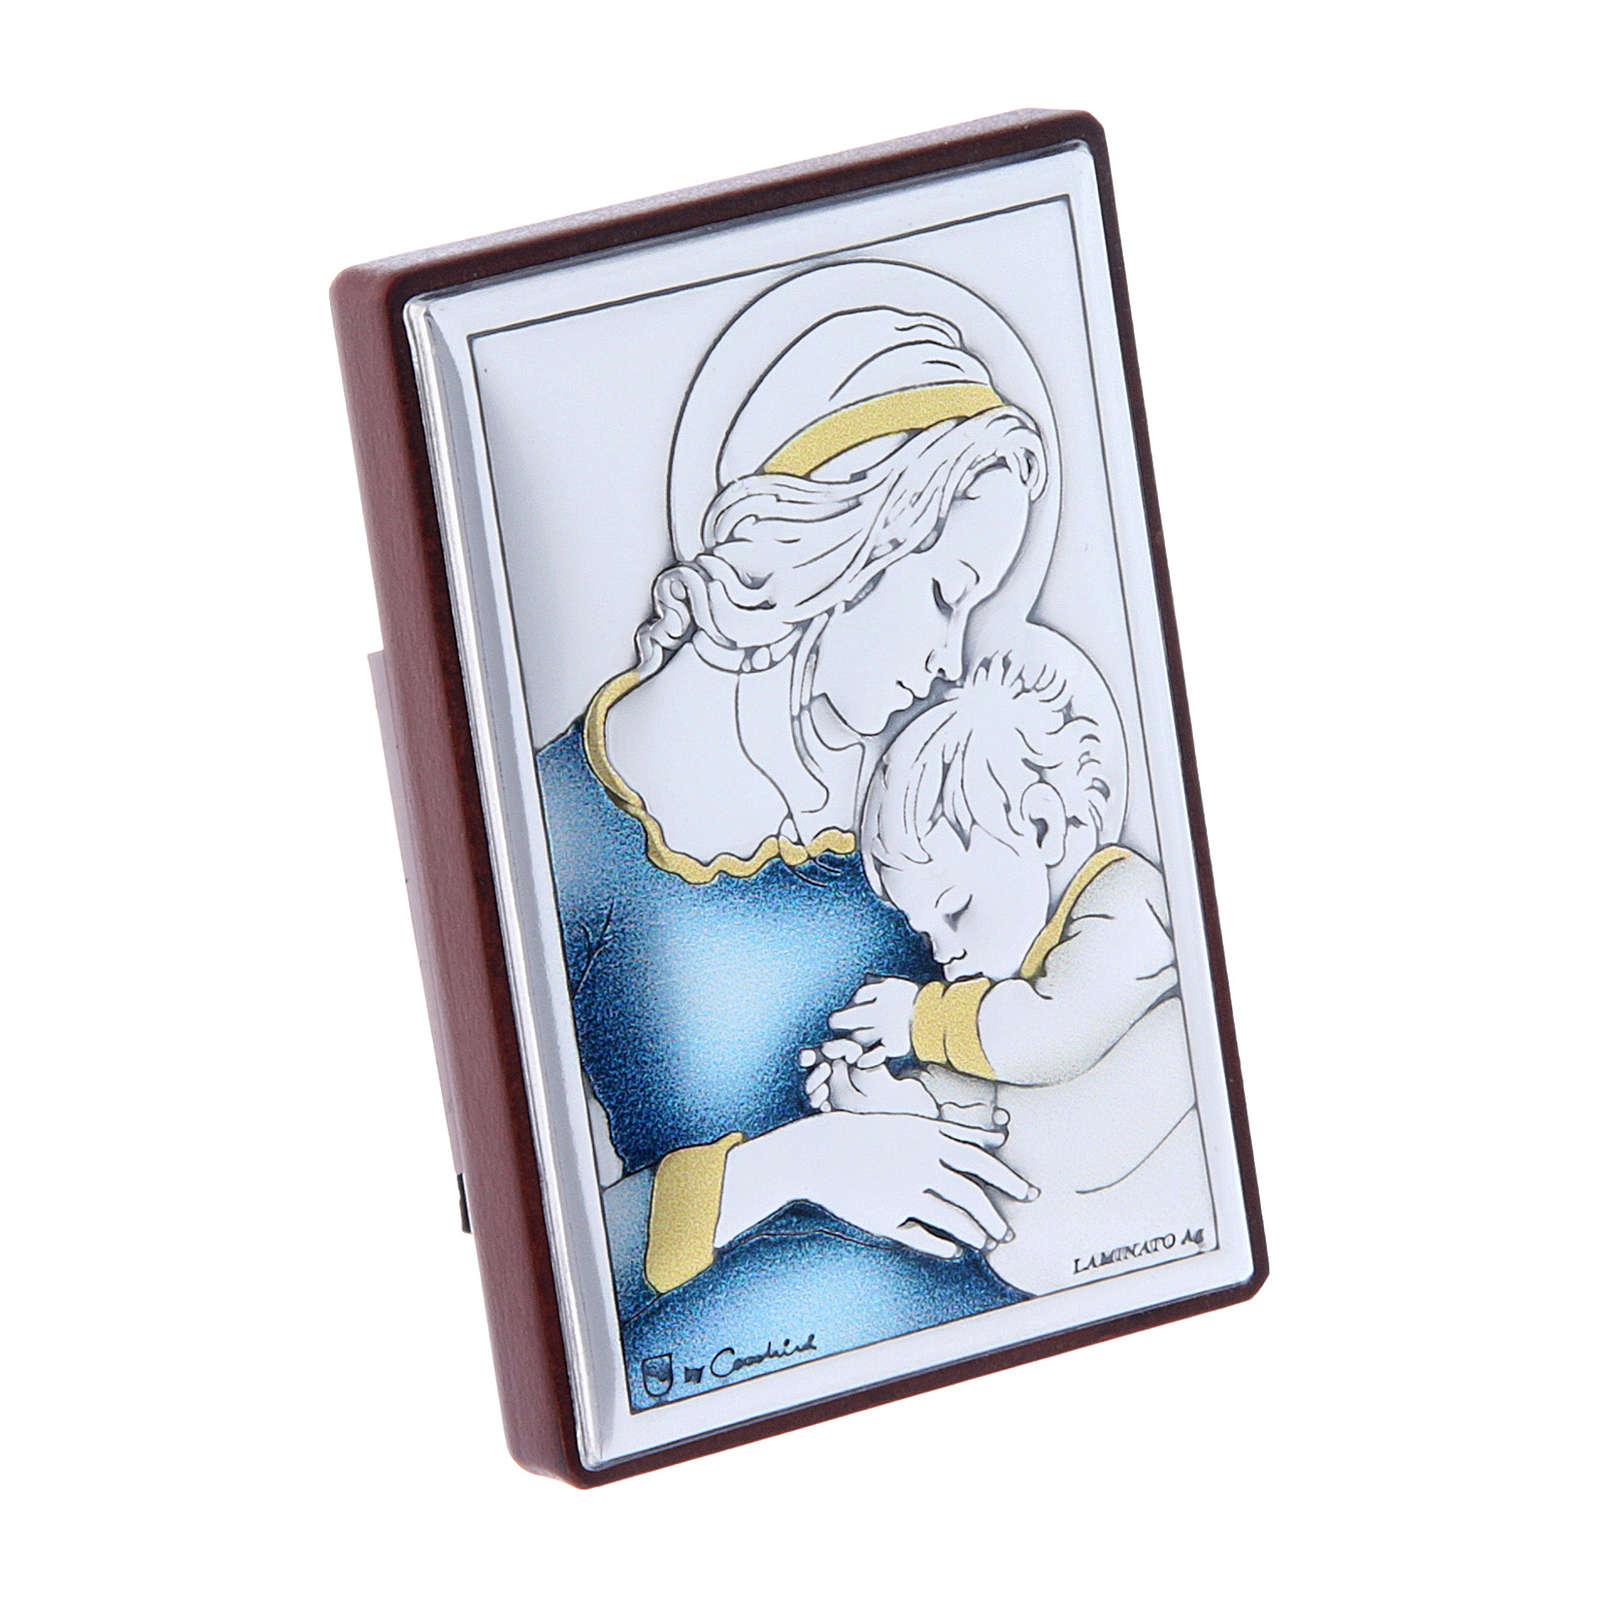 Obraz Maryja z Dzieciątkiem Jezus bilaminat kolorowy tył z prestiżowego drewna 6x4 cm 4